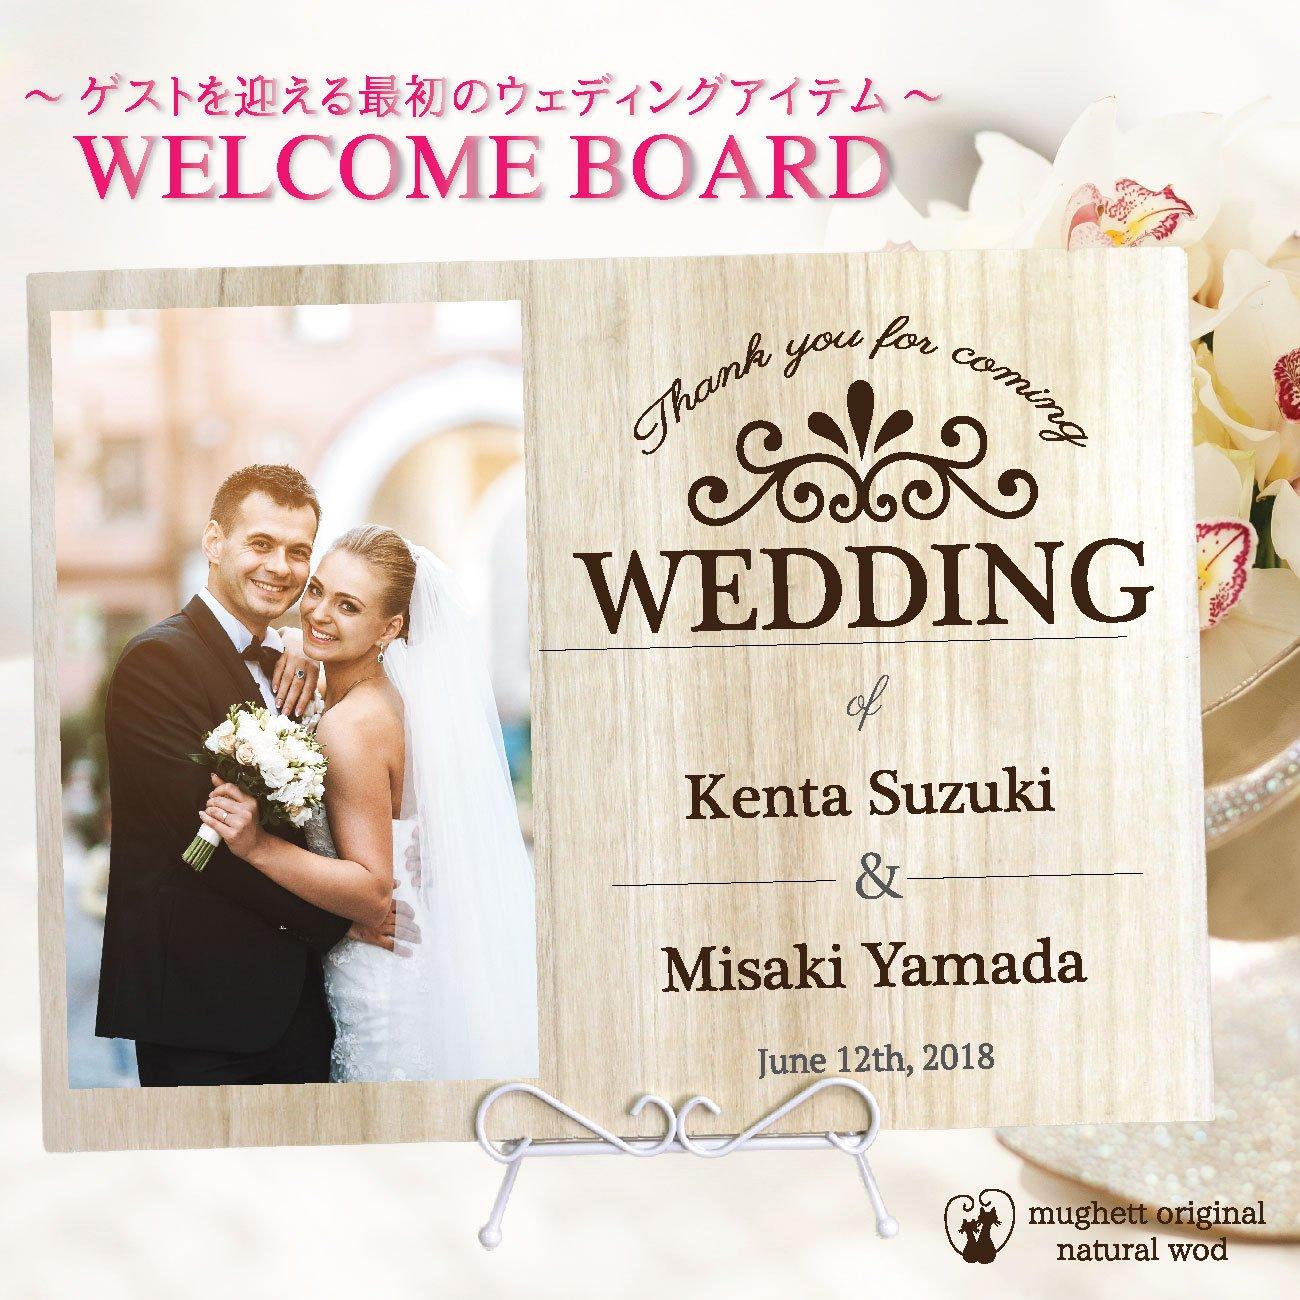 セミオーダーメイドで作る 木製 ウェルカムボード 結婚式や二次会の定番ウェディングアイテム (写真) B079JRJ3KY 写真 写真